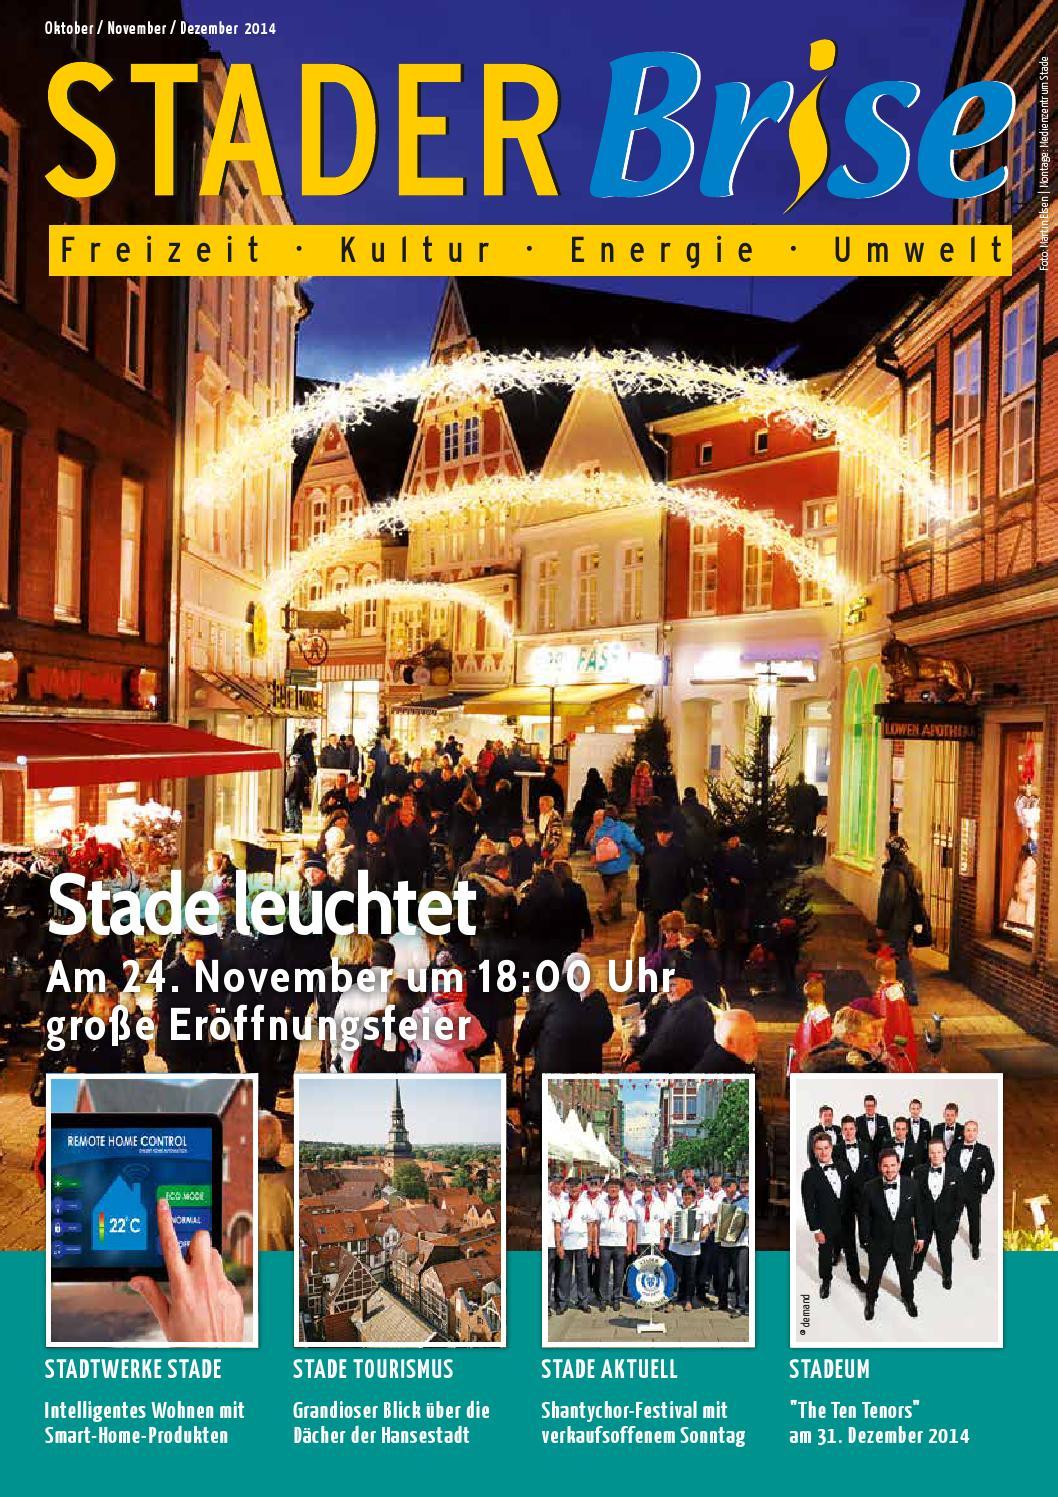 Stader Brise Oktober-Dezember 2013 by Stadtwerke Stade GmbH - issuu